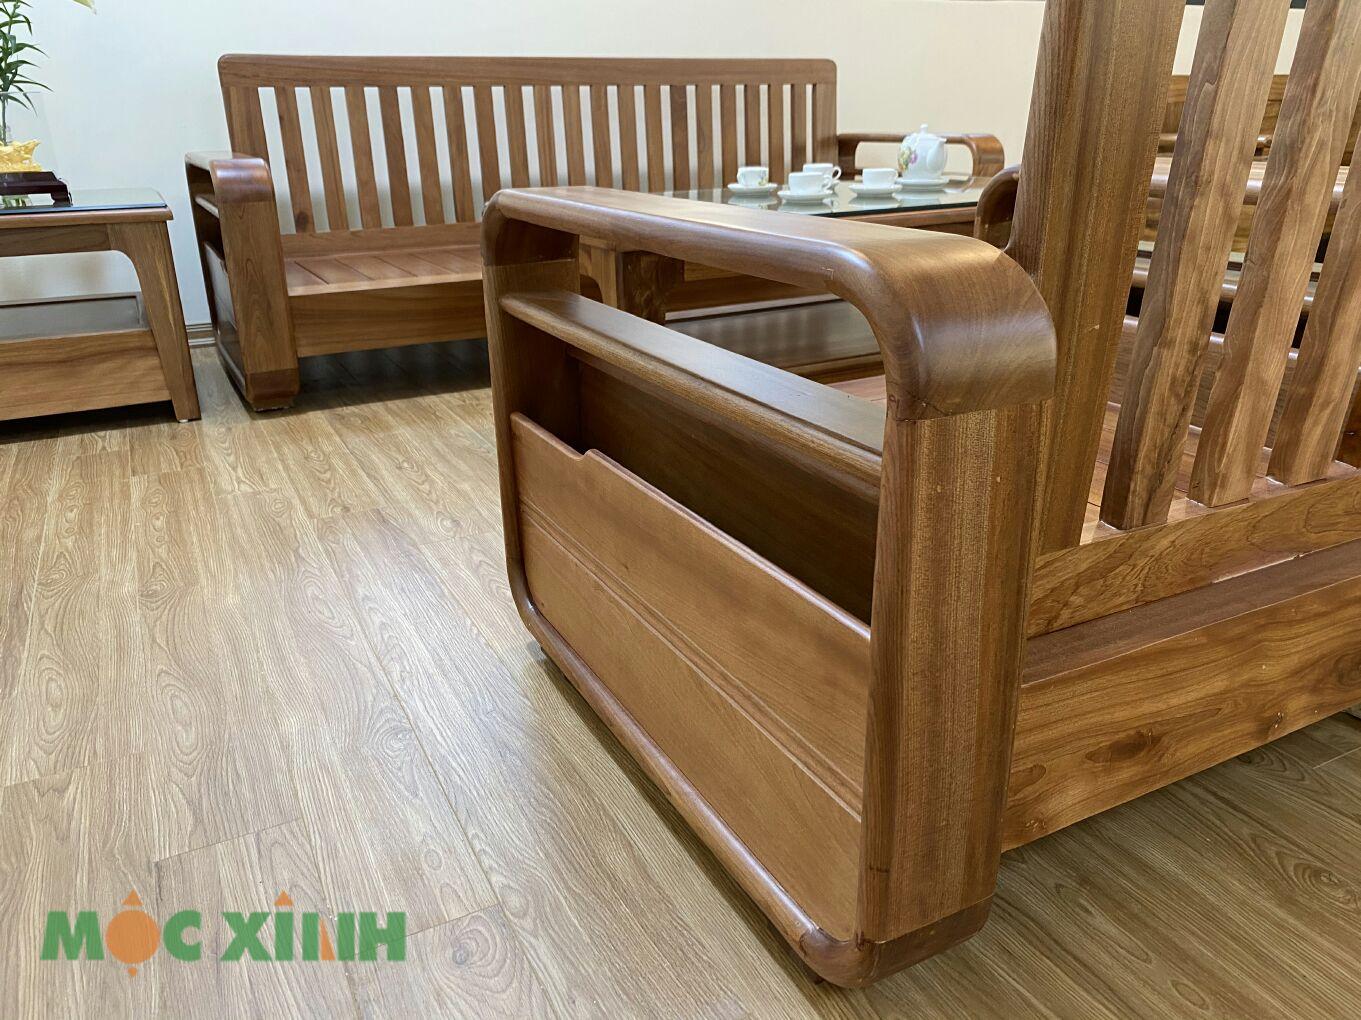 Màu sắc của gỗ xoan nổi bật với tông vàng nâu